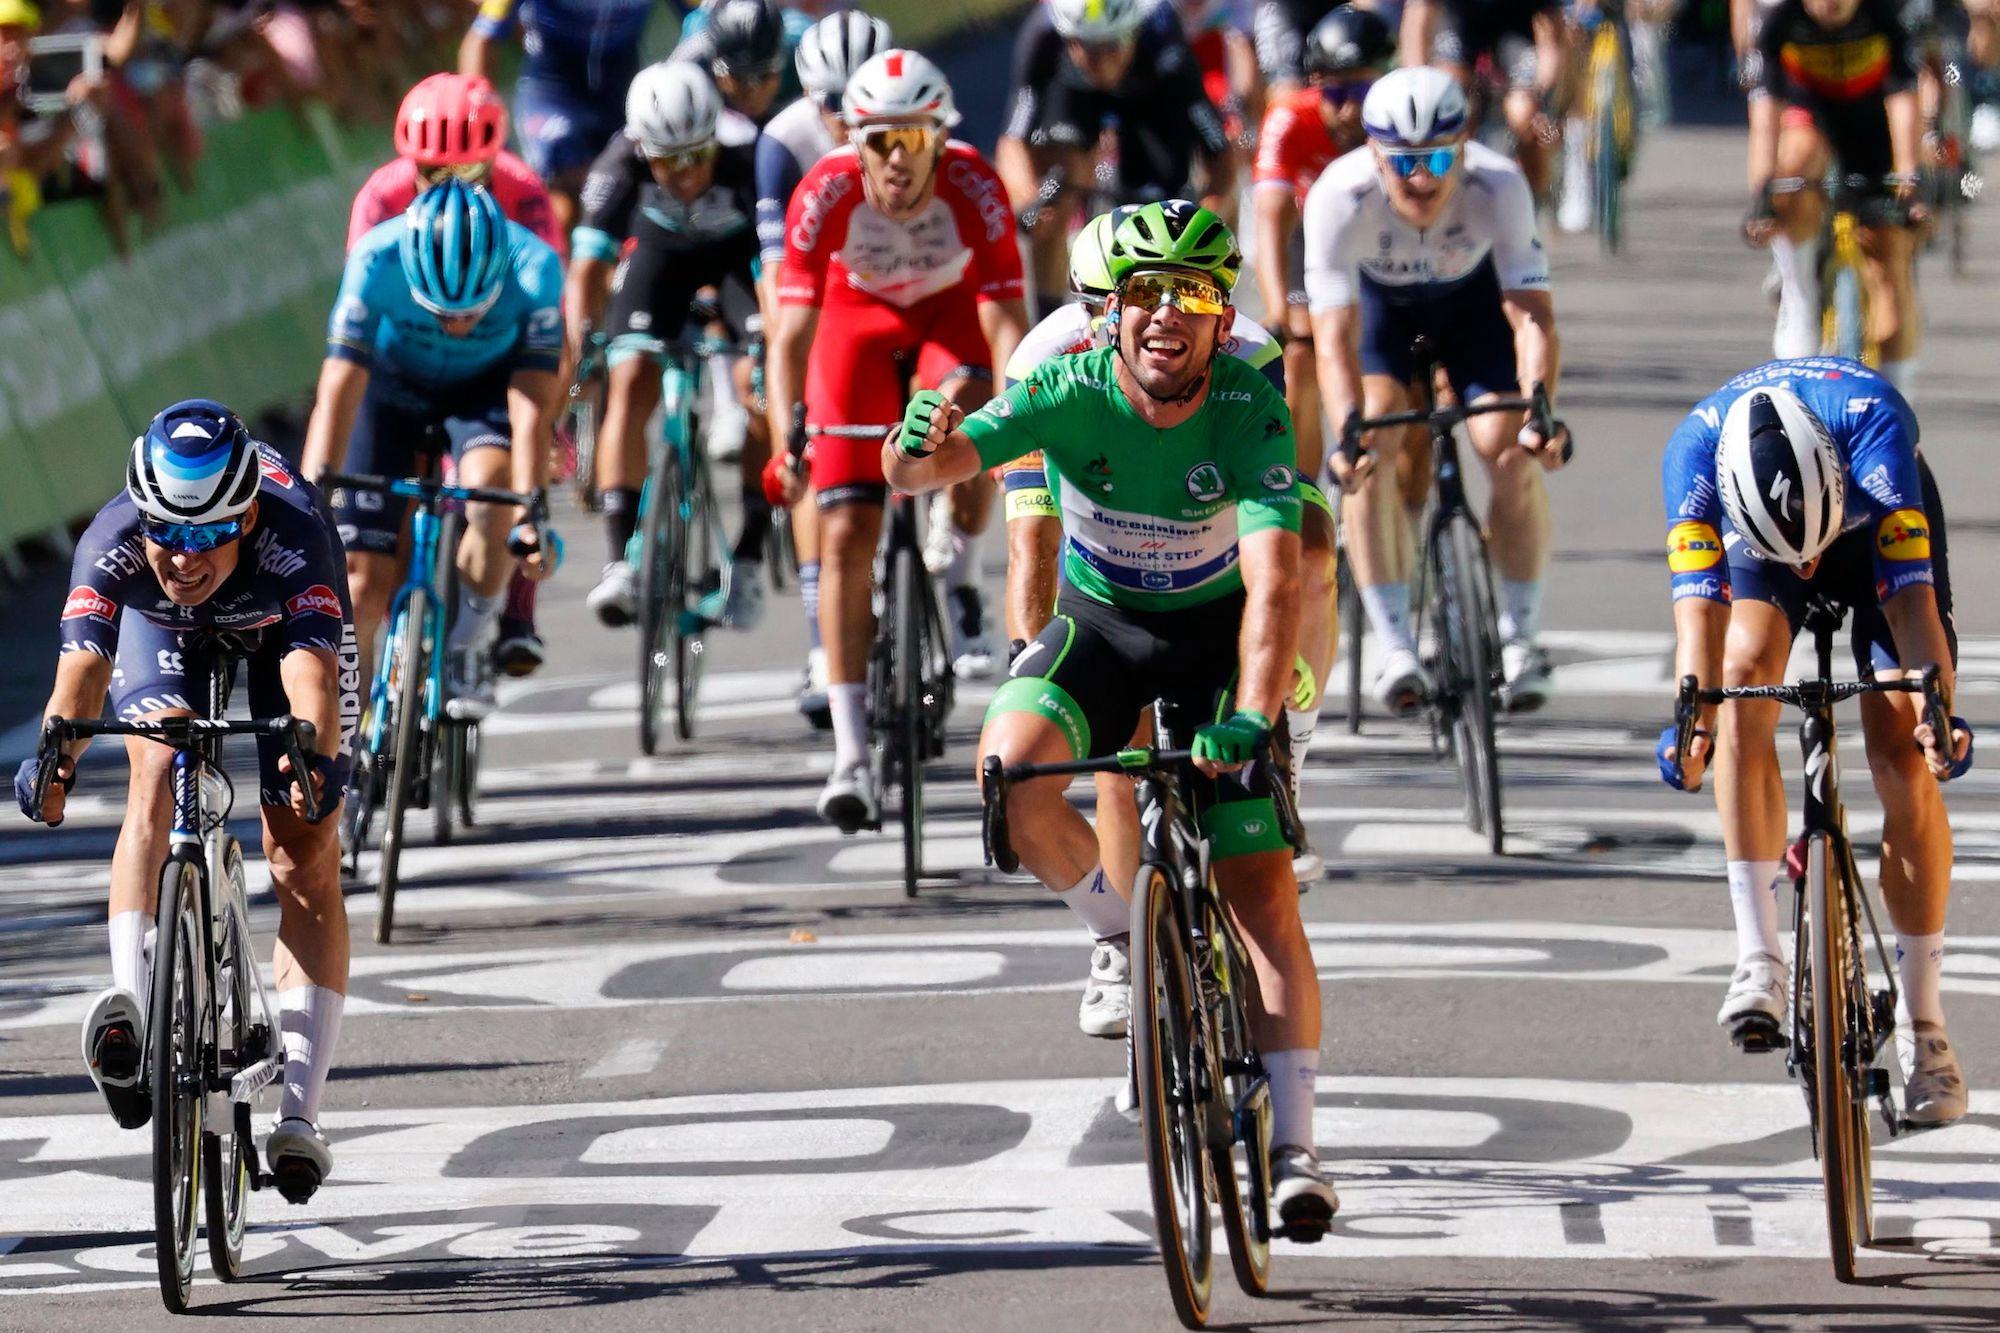 Mark Cavendish wins stage 13 of the 2021 Tour de France